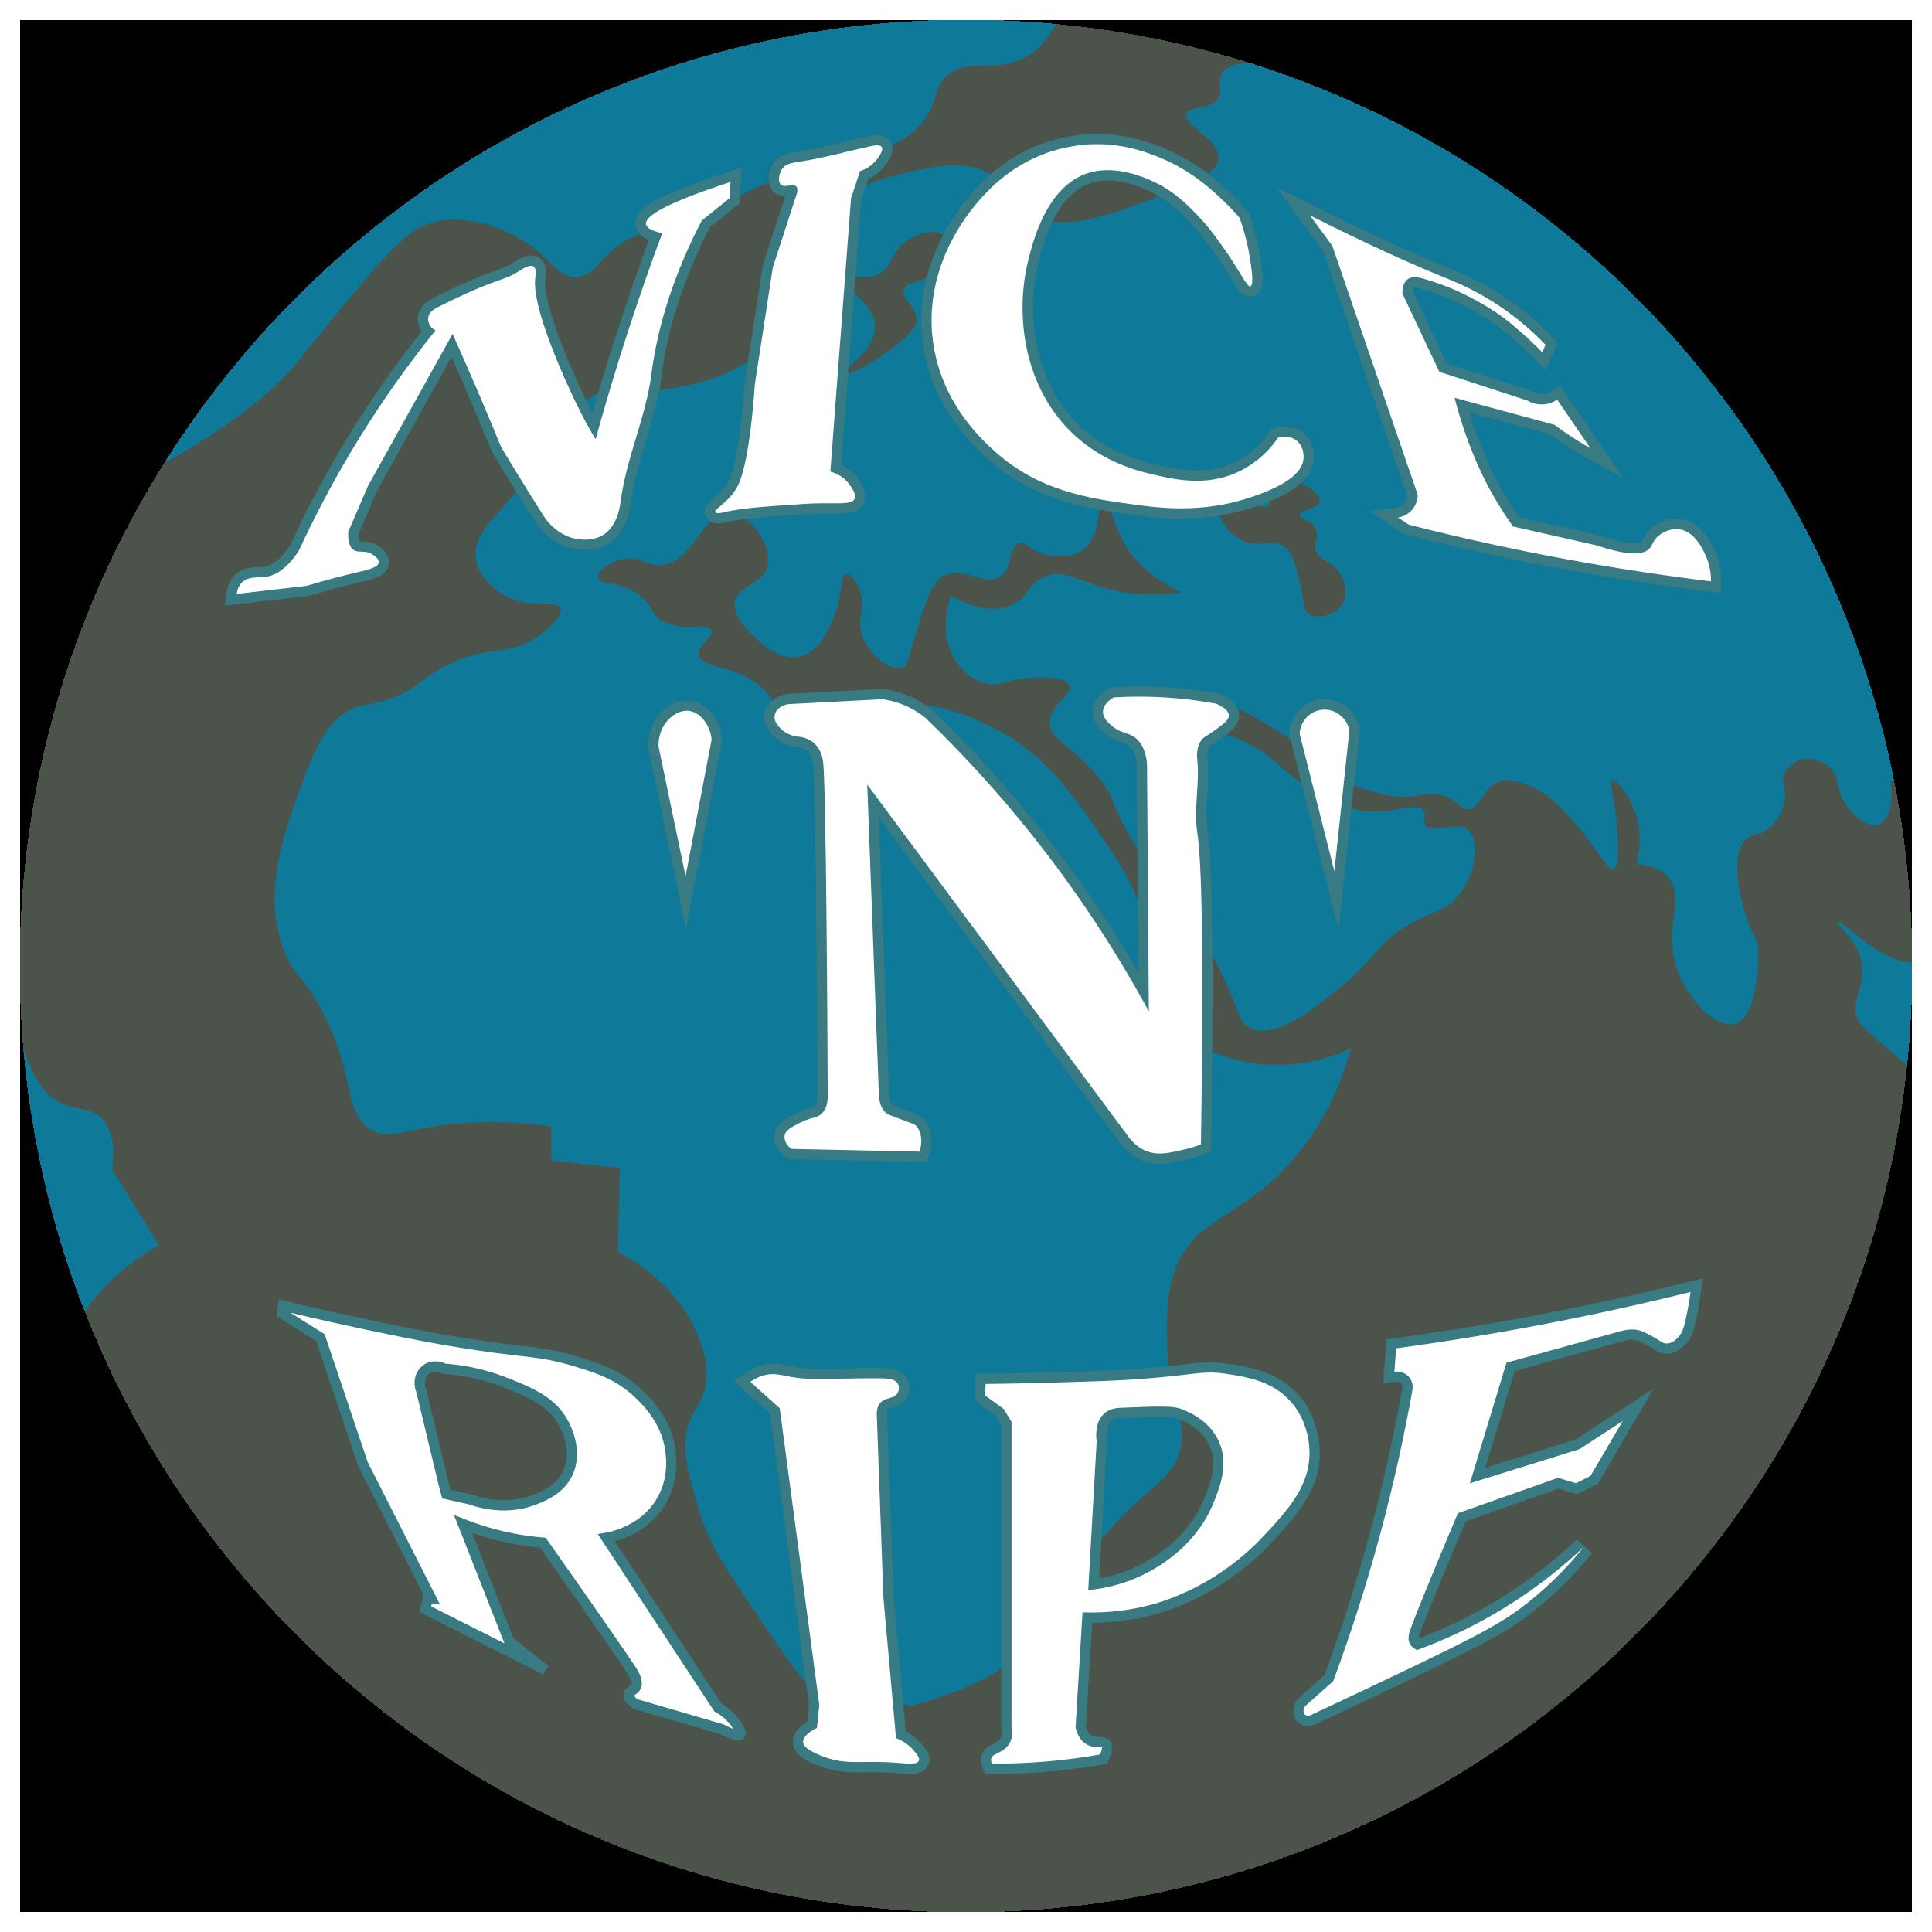 nicenripe